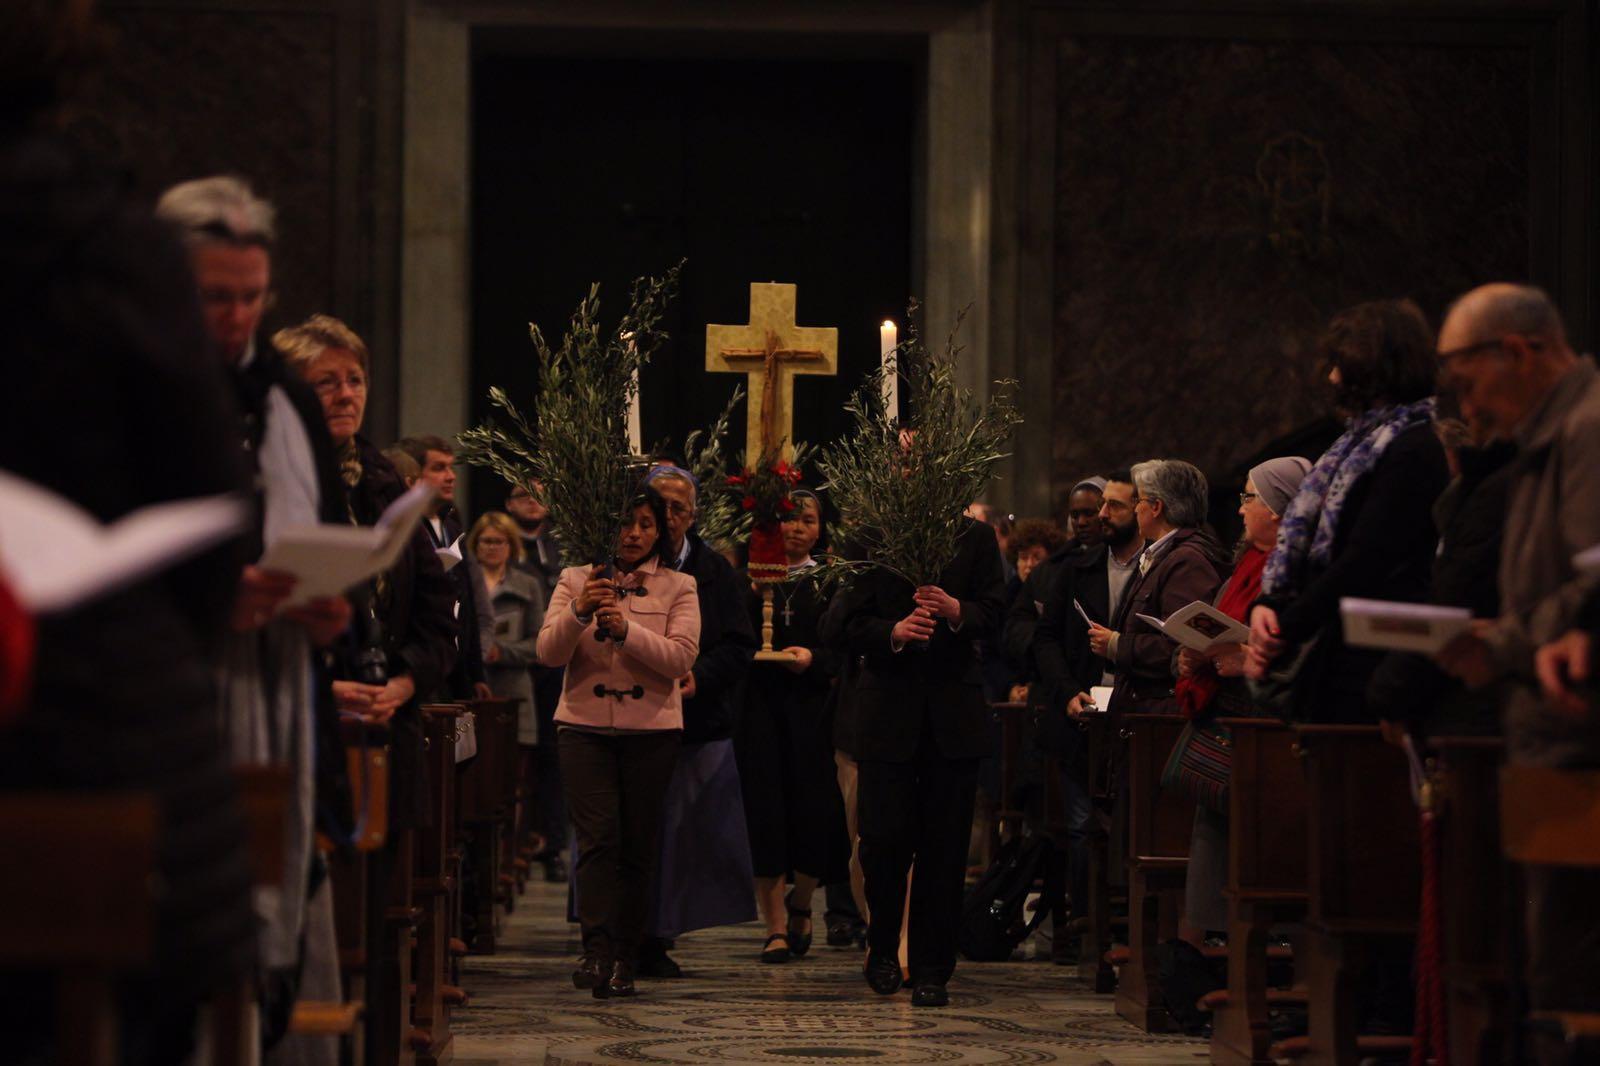 Holy Mass in Santa Maria in Trastevere 22-03-16